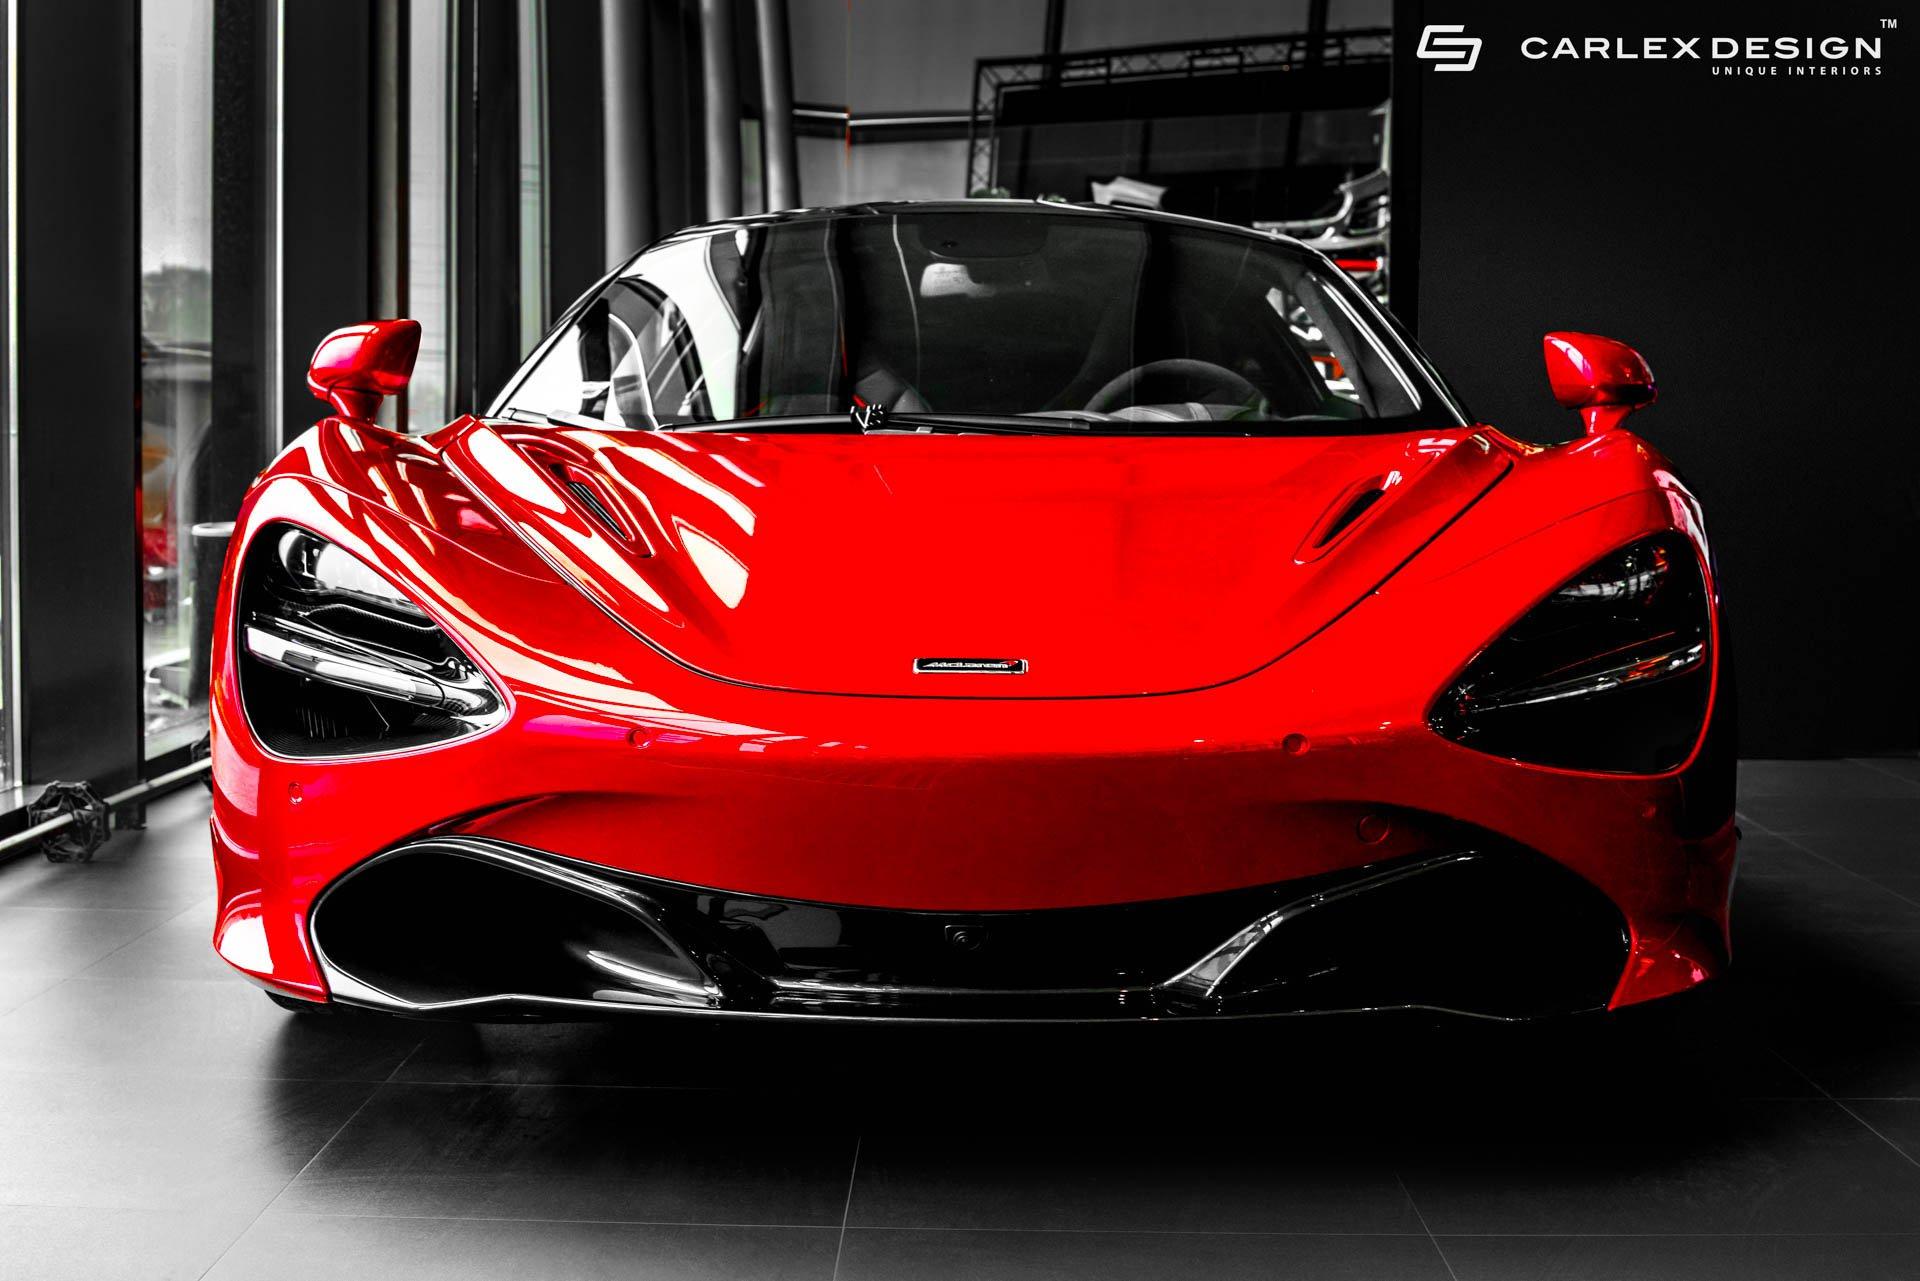 McLaren_720S_Carlex_design_0020